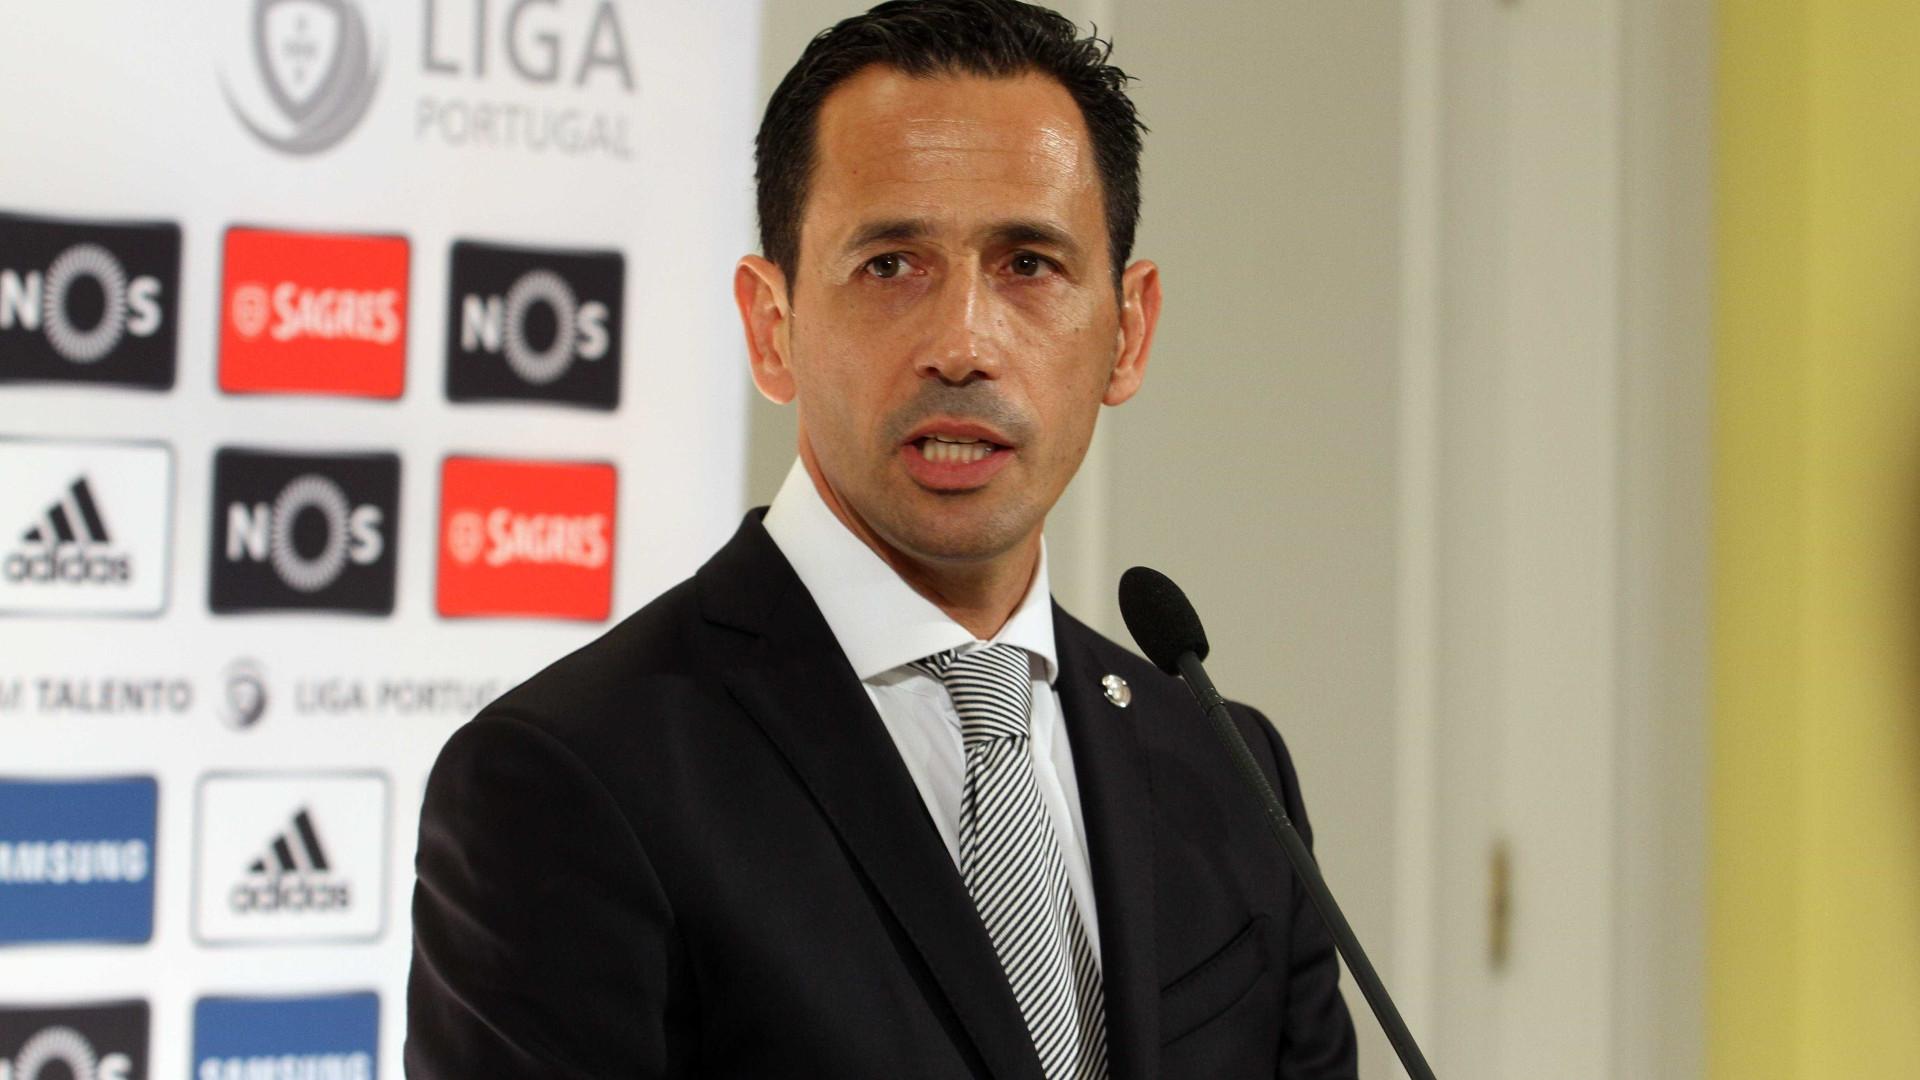 Liga de futebol quer novo modelo de governação até ao final de agosto